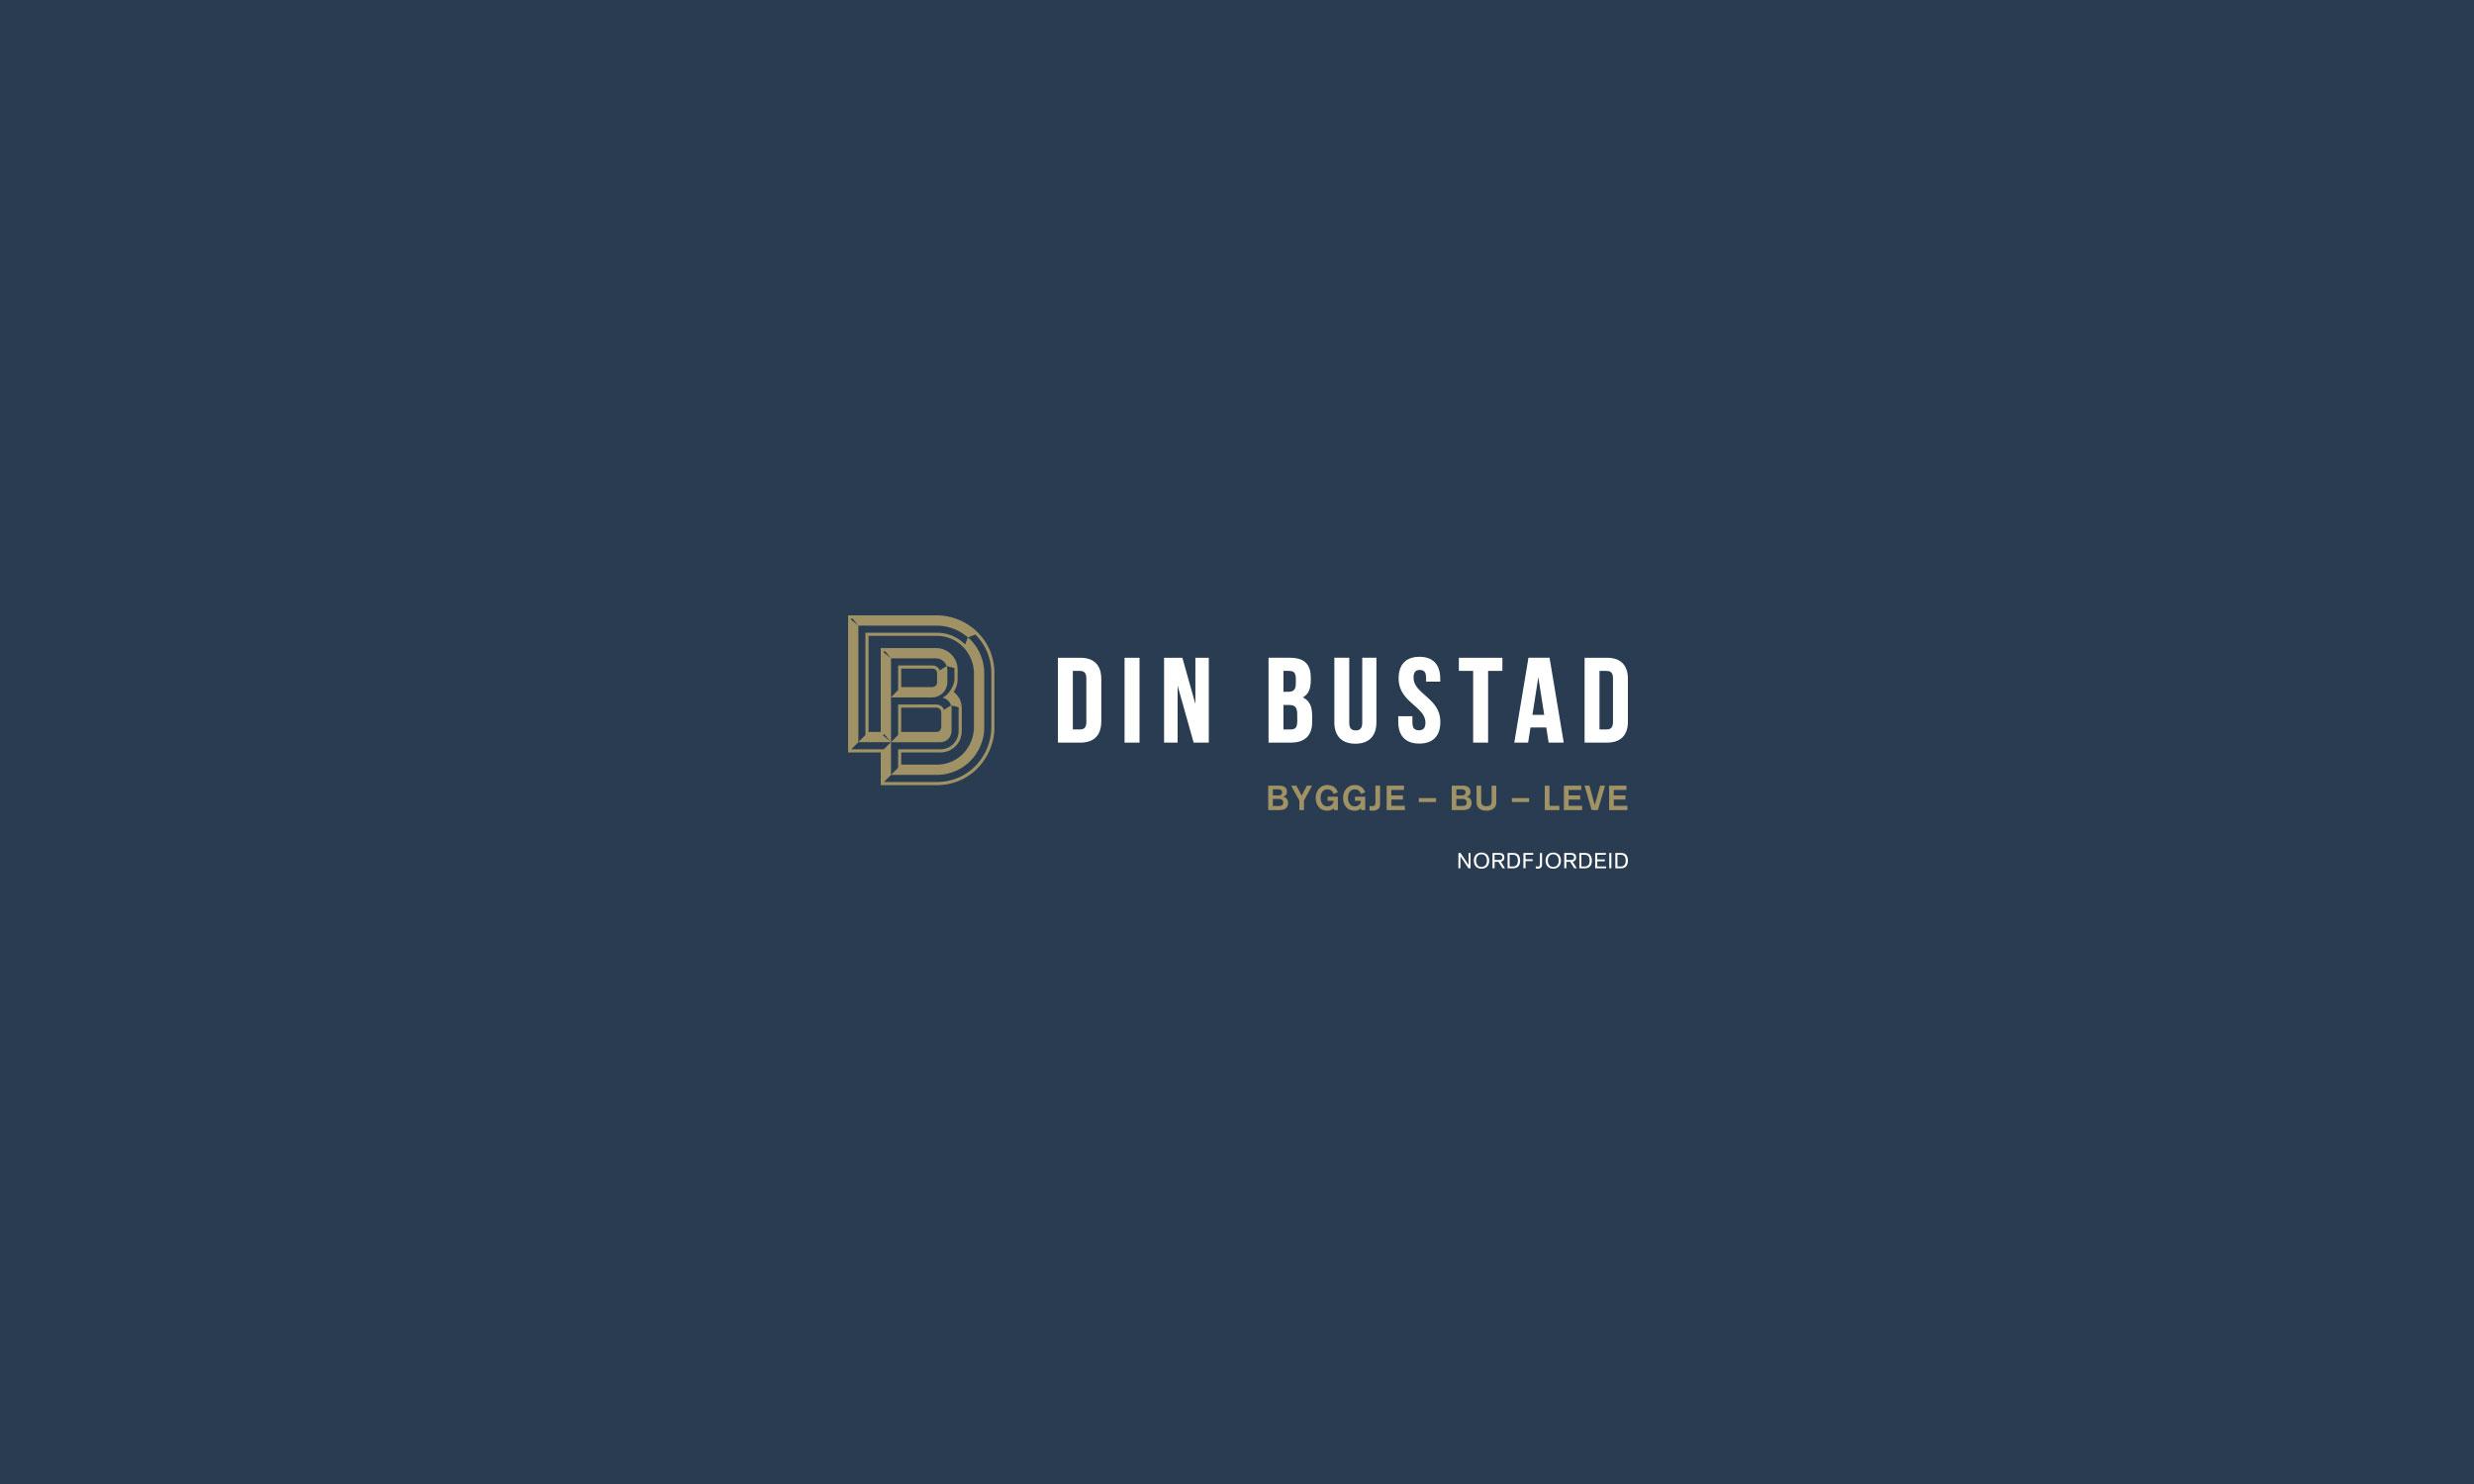 Din Bustad horizontal light logo